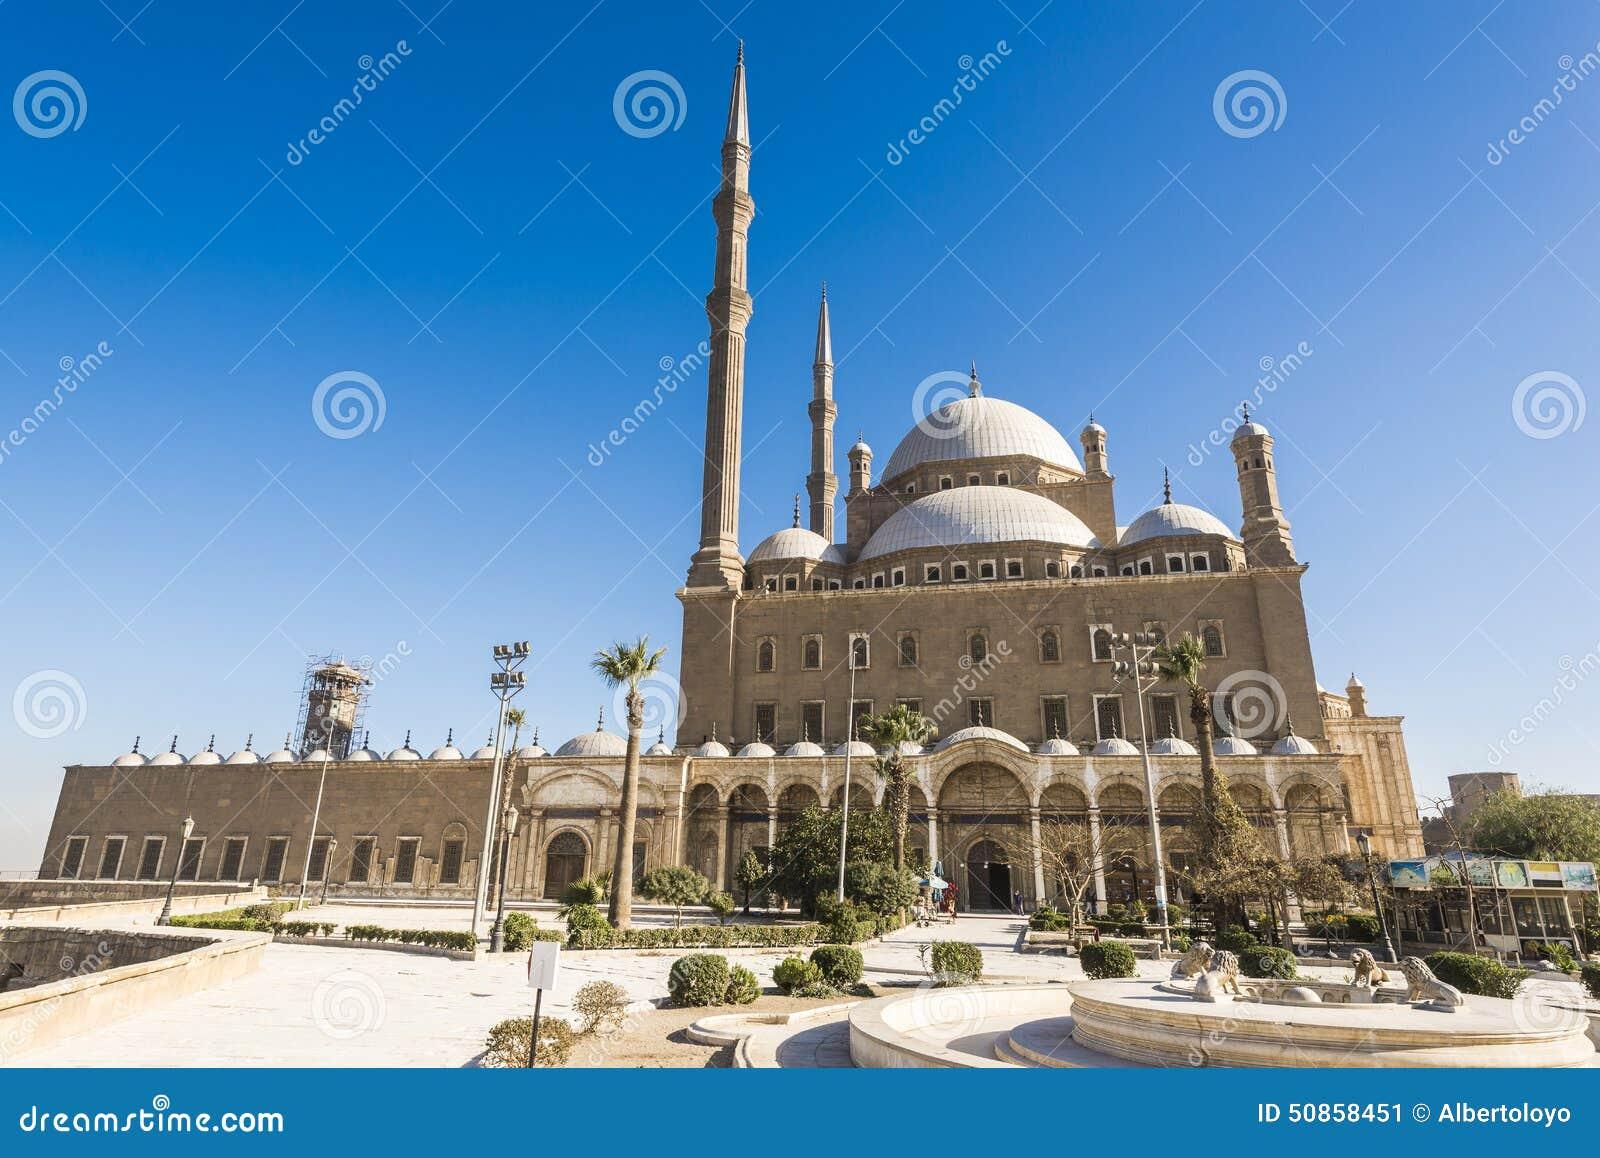 穆罕默德・阿里,开罗(埃及)的萨拉丁城堡清真寺